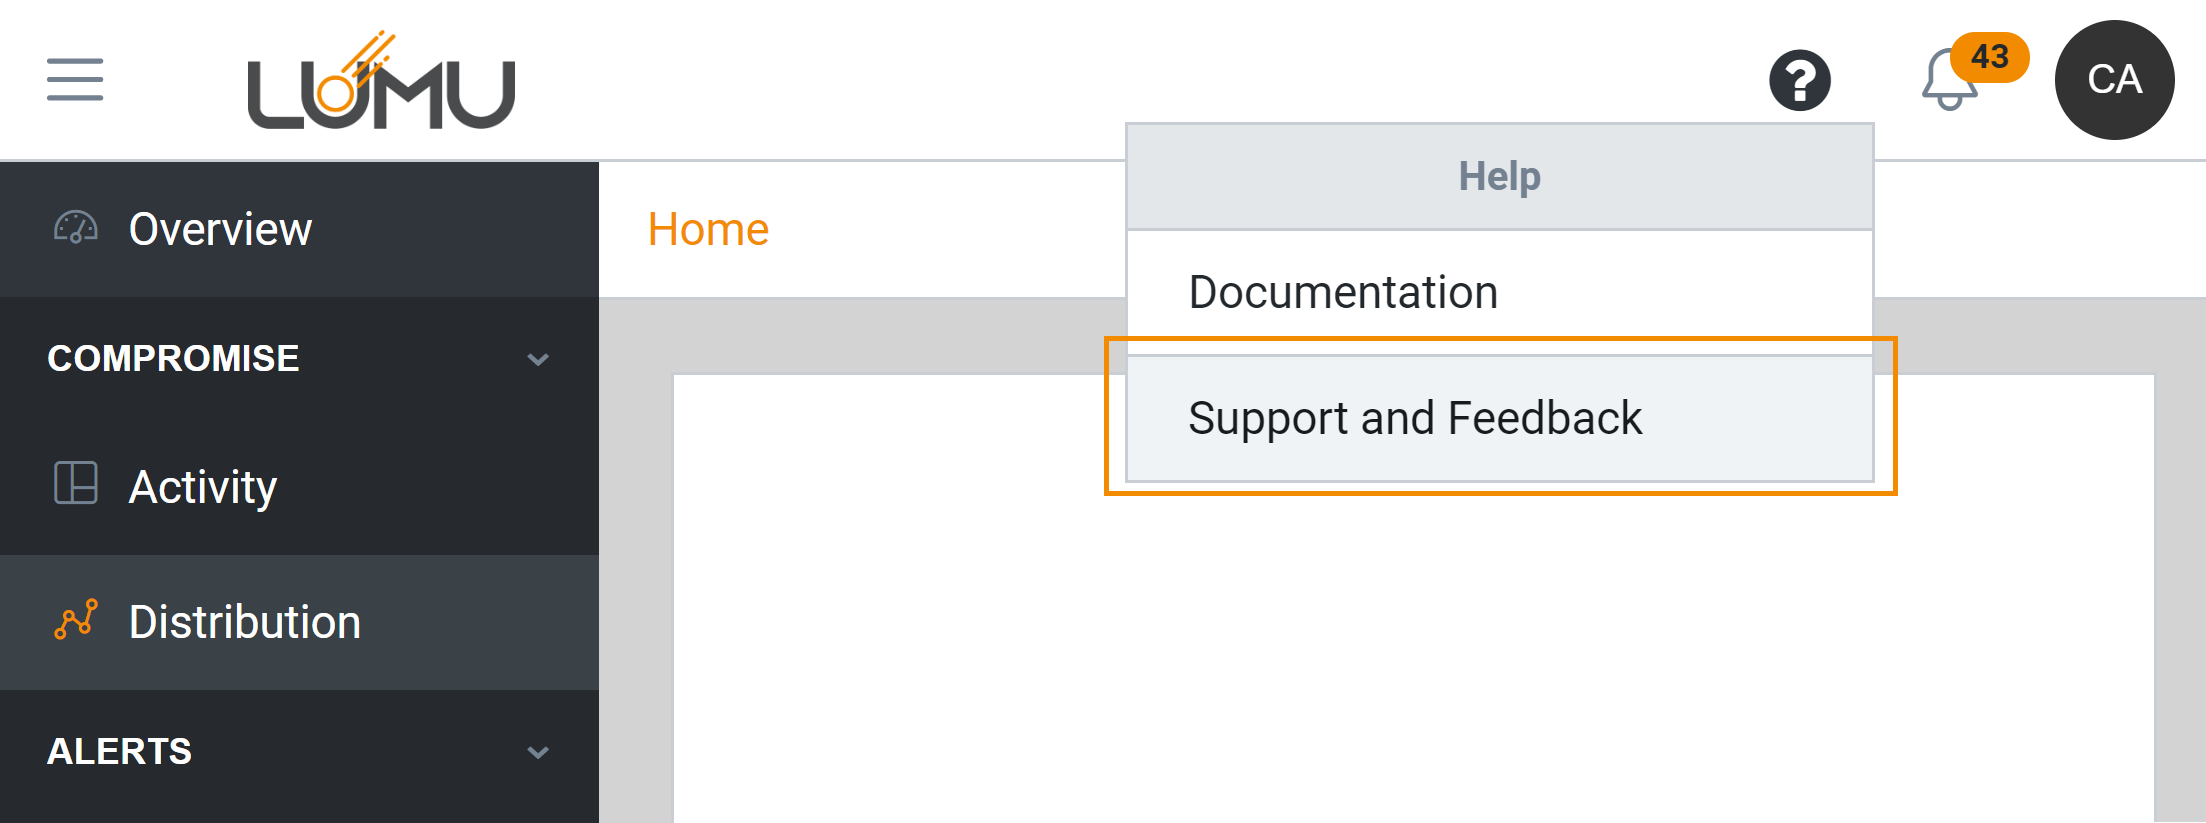 Requesting help - Lumu Portal